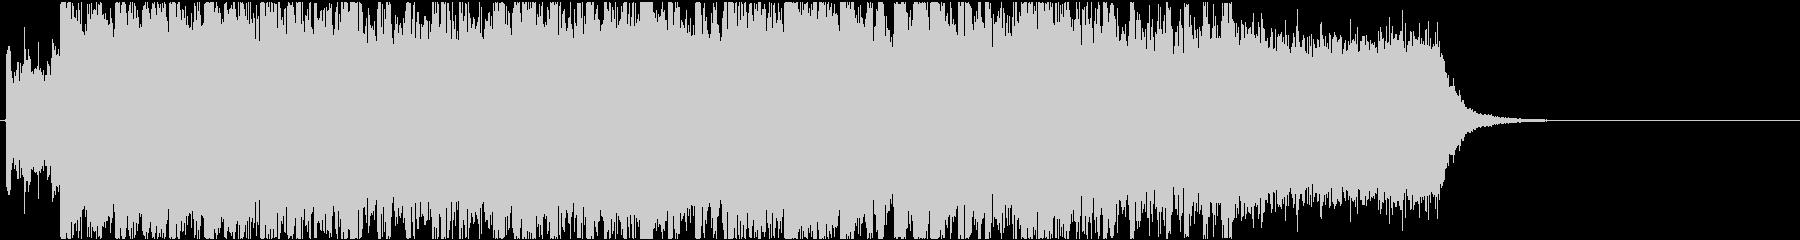 ニュースOP3 16bit48kHzの未再生の波形